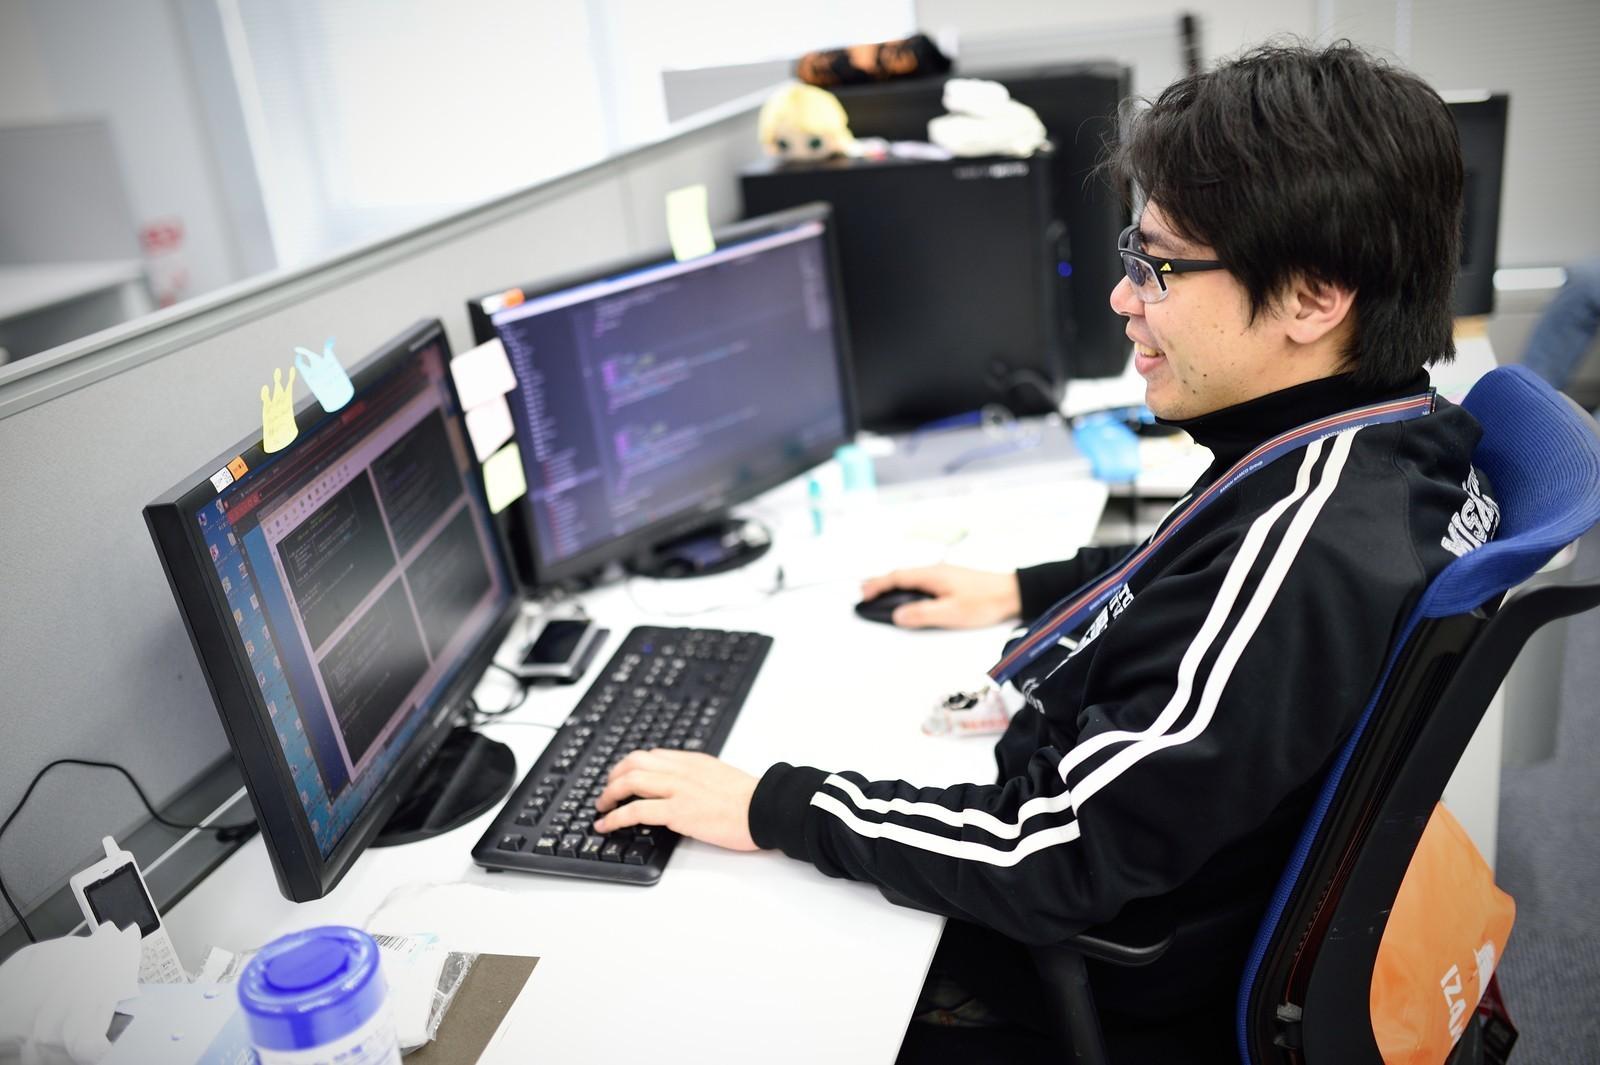 「遊び」で世界に感動を届けるバンダイナムコが、モバイルゲームのサーバーサイドを担当するRailsエンジニアを募集!